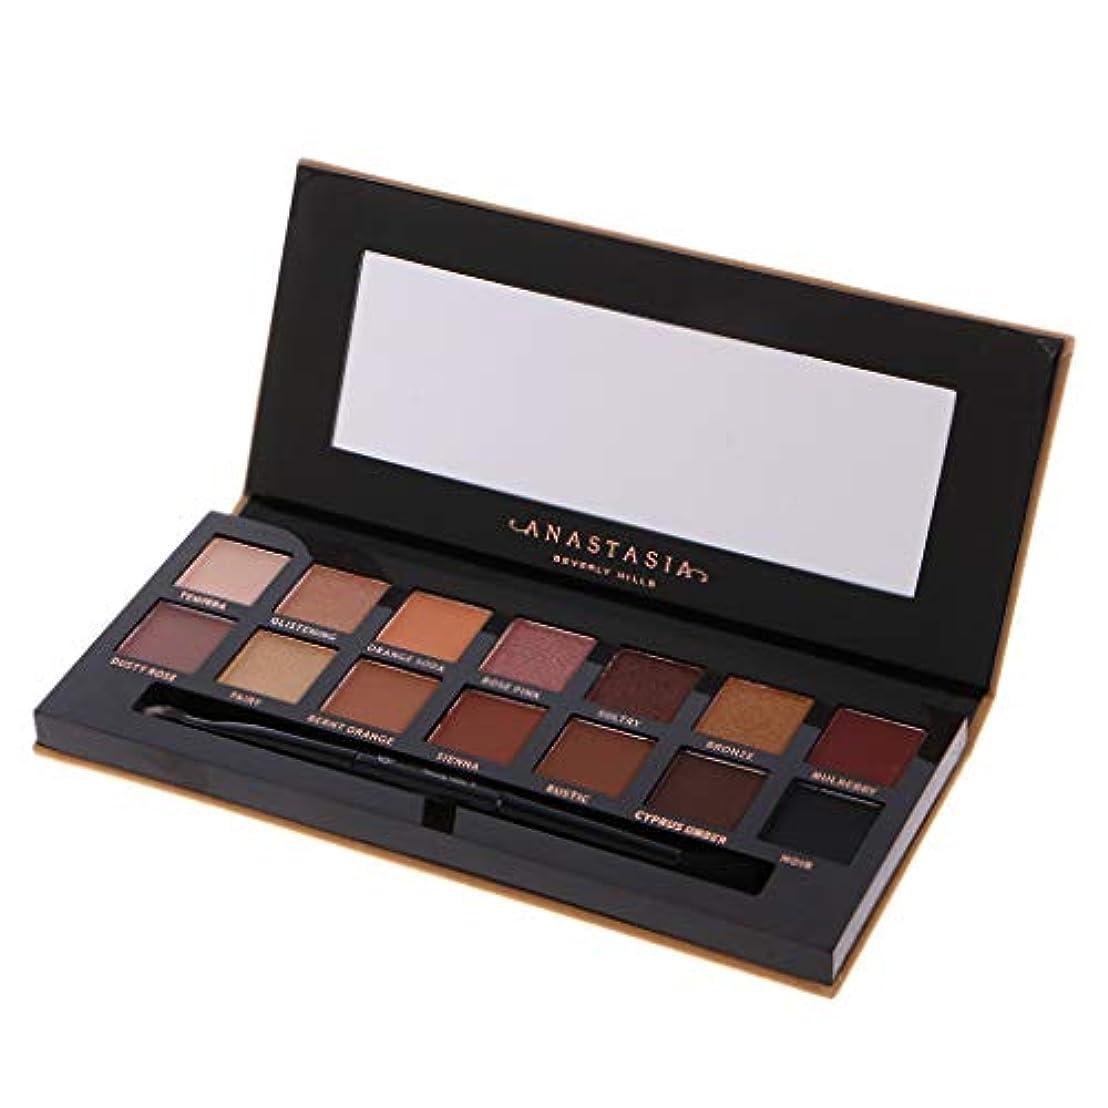 制限下品鳴らすLamdoo 1ボックス14色アイシャドウ化粧アイシャドウパレットマットハイライト光沢のあるミラーブラシでプロフェッショナルシマーパーティースモーキーヌード化粧品